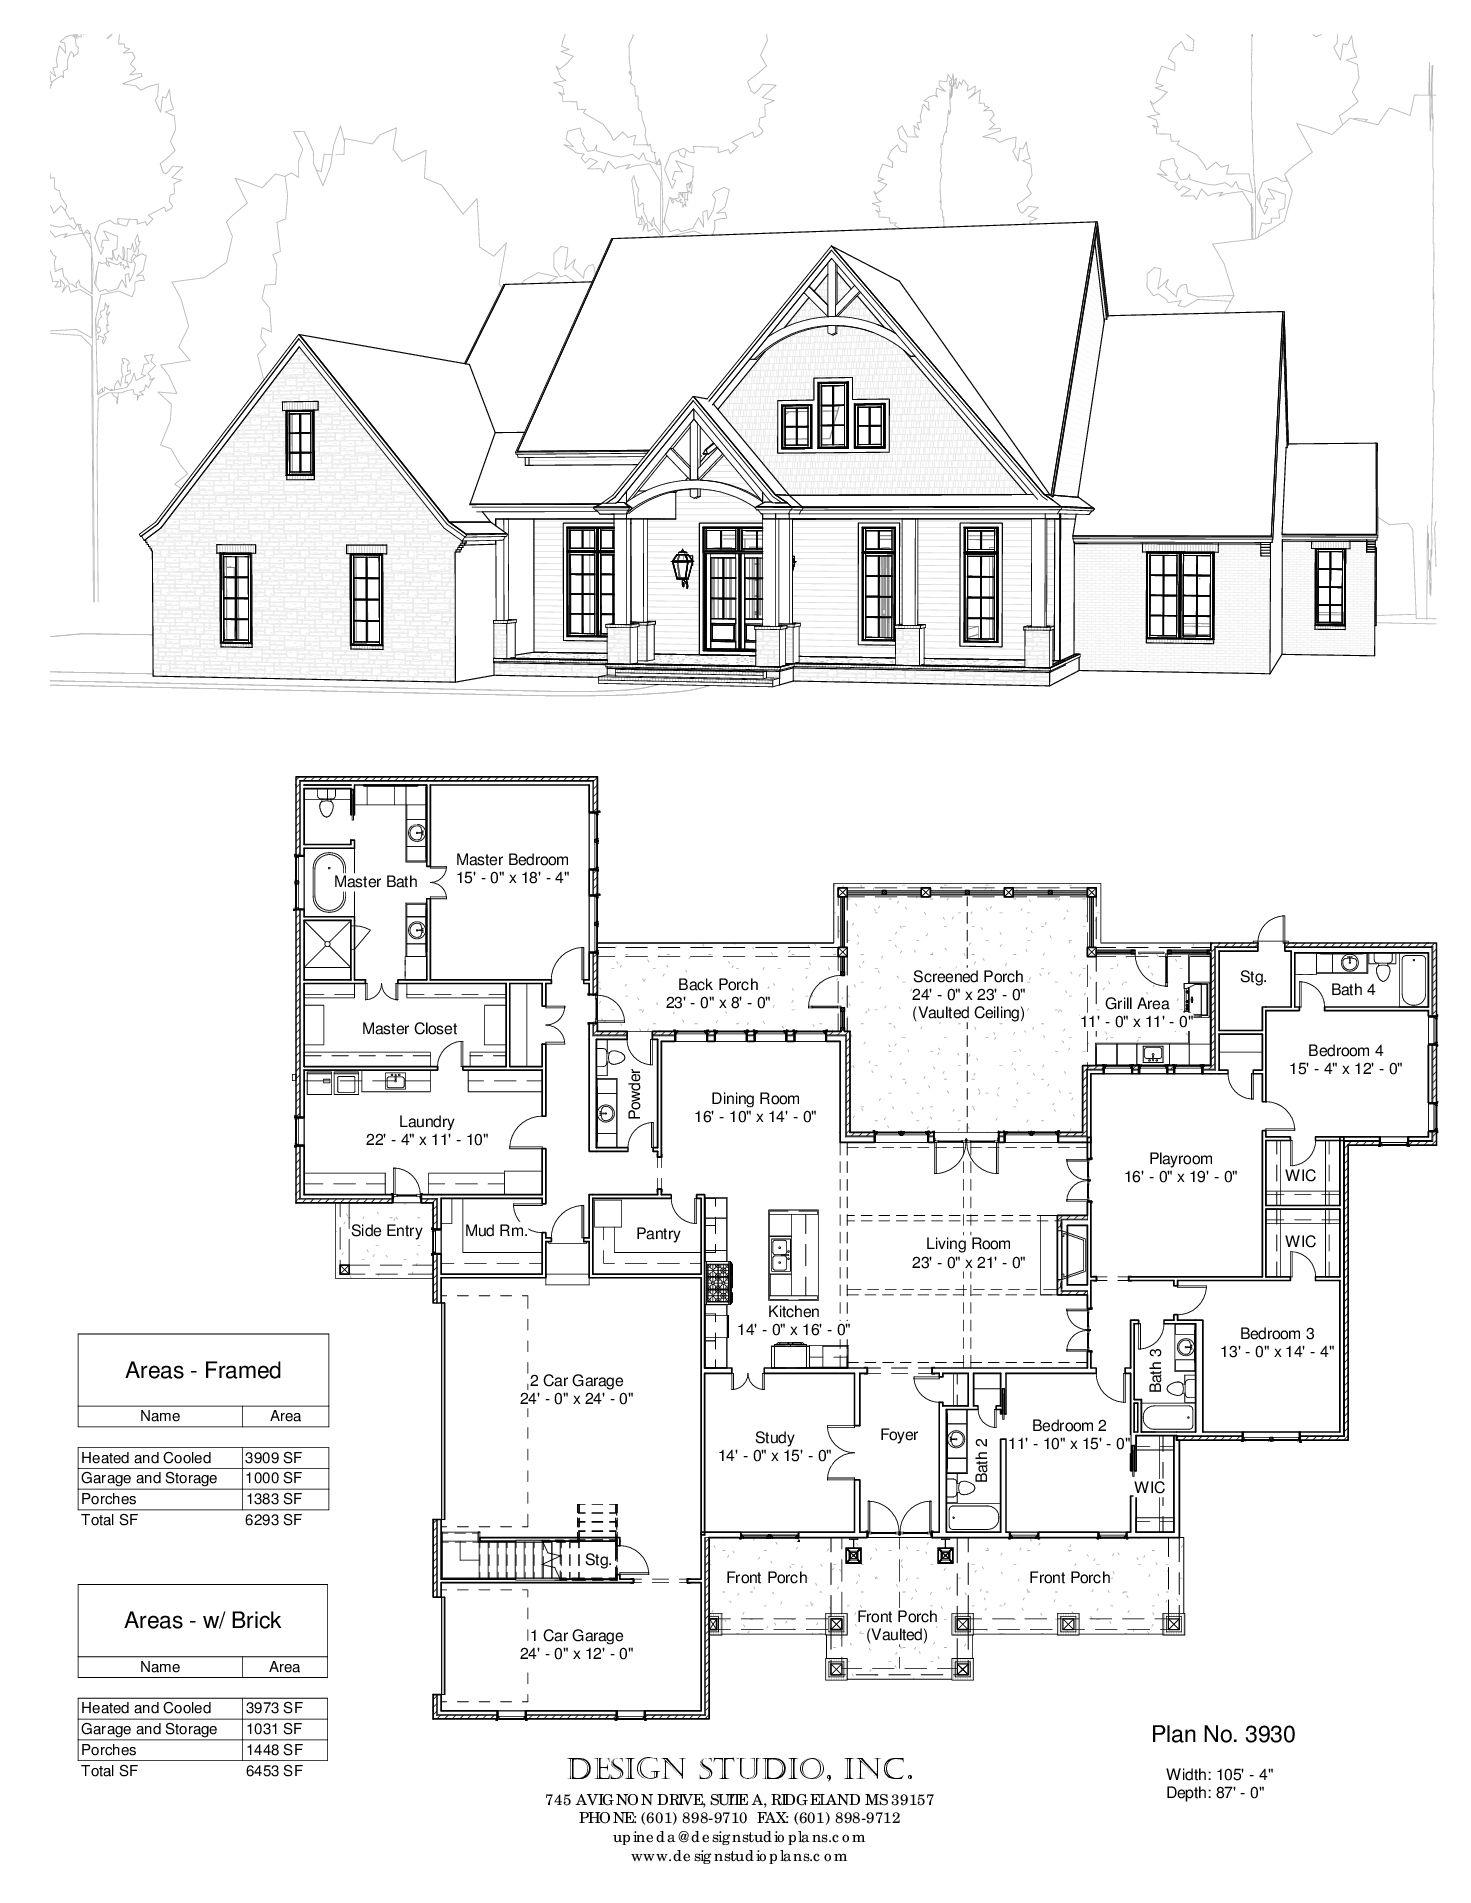 3930 P1 Jpg 1 471 1 903 Pixels Dream House Plans House Blueprints House With Porch